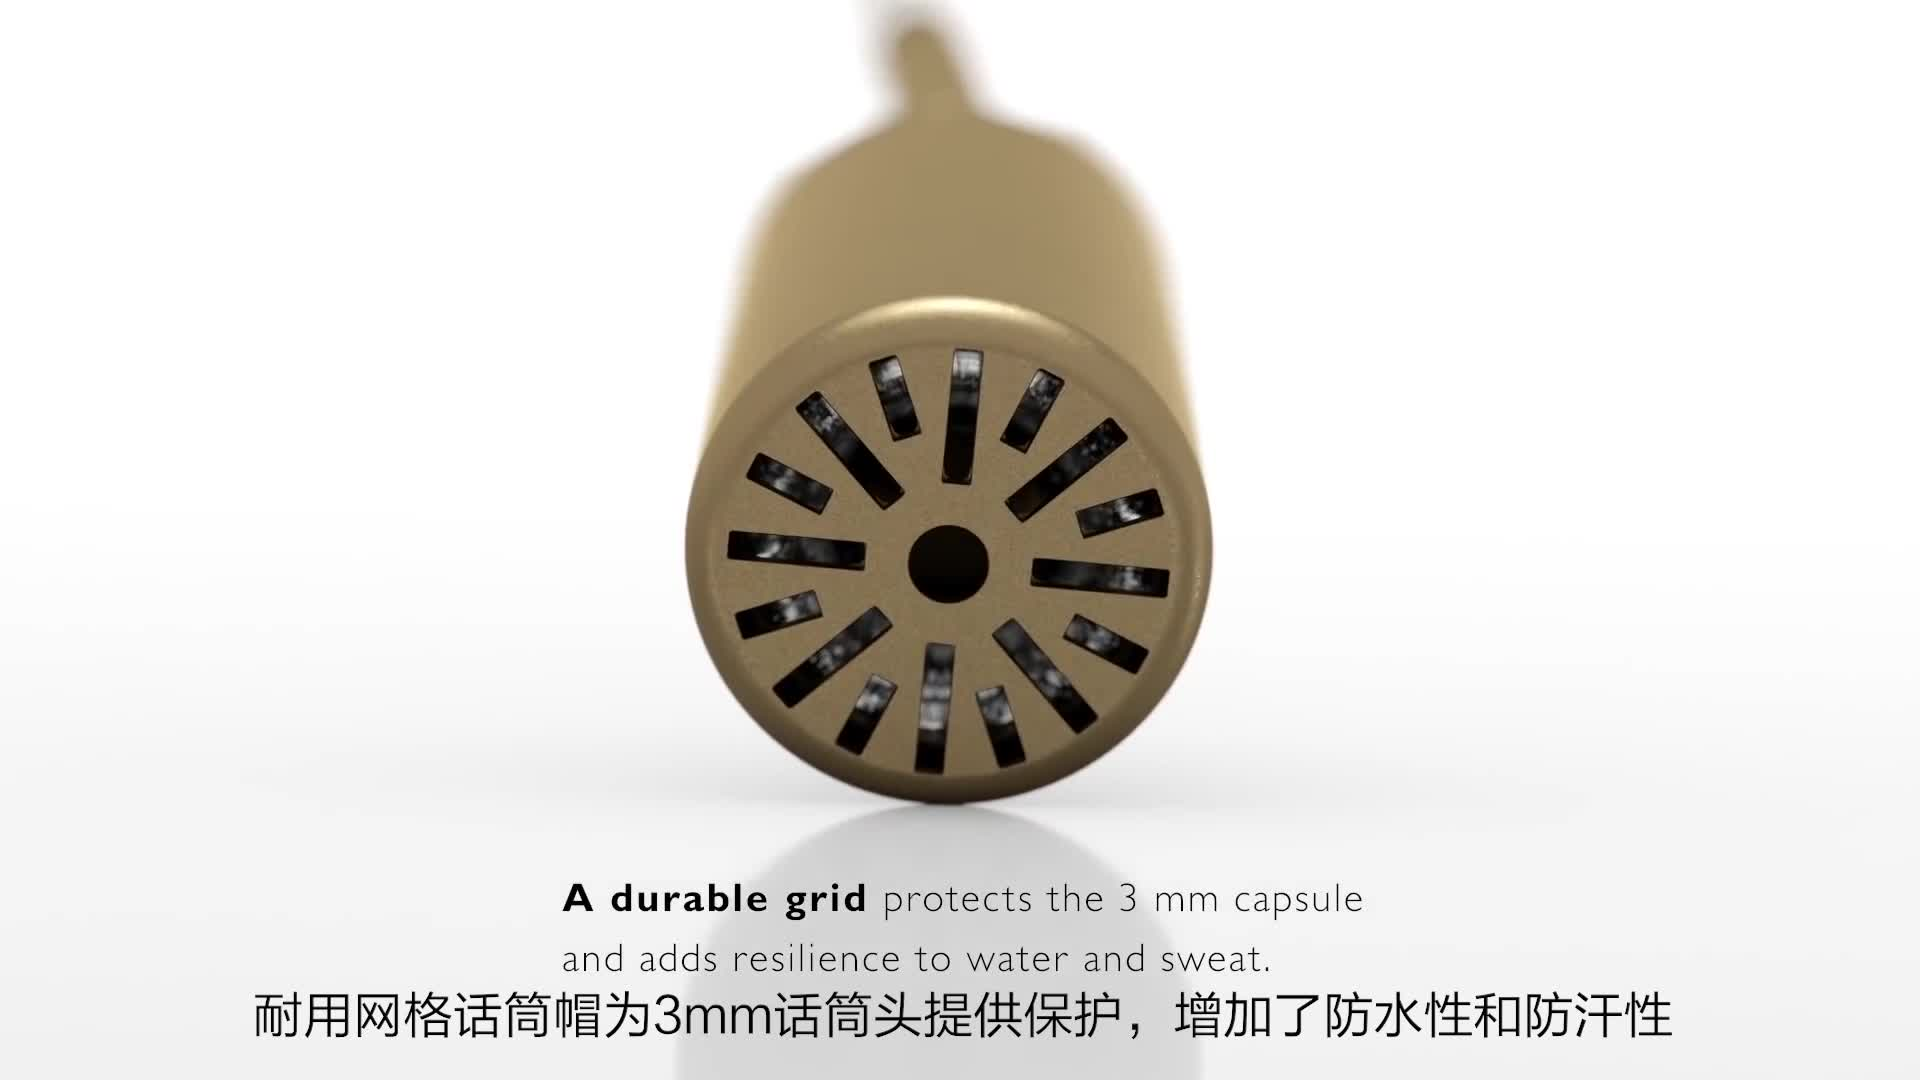 超微型頭戴話筒產品演示